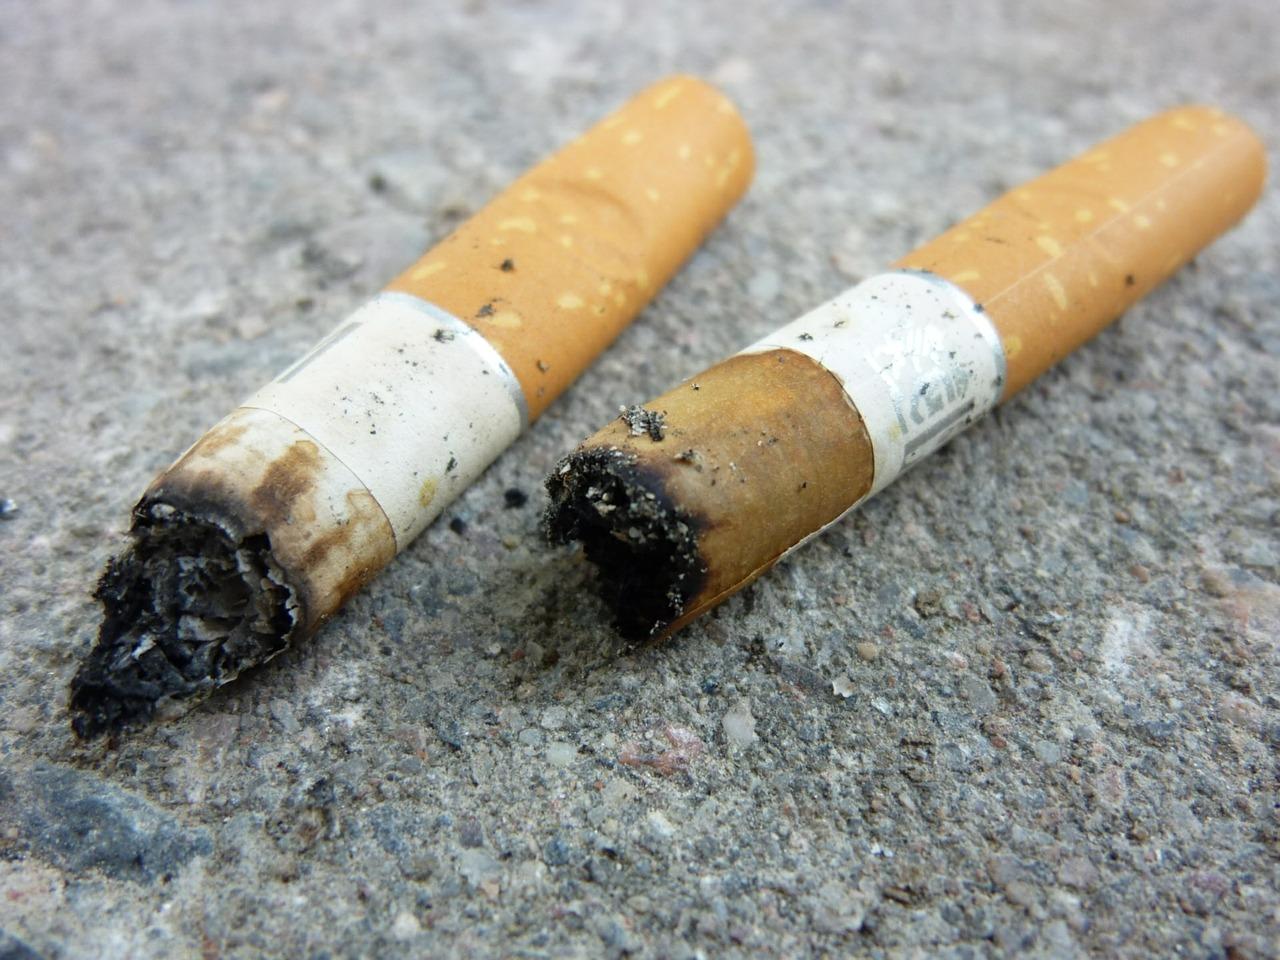 Zdravotní rizika kouření